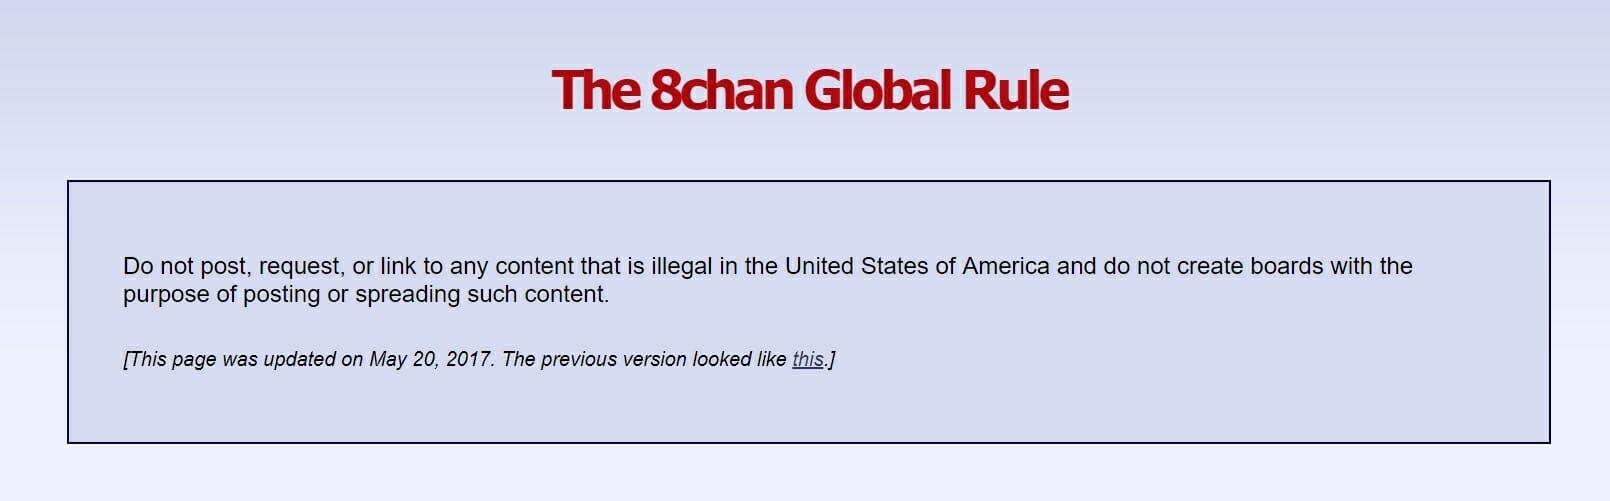 8chan Global Rule